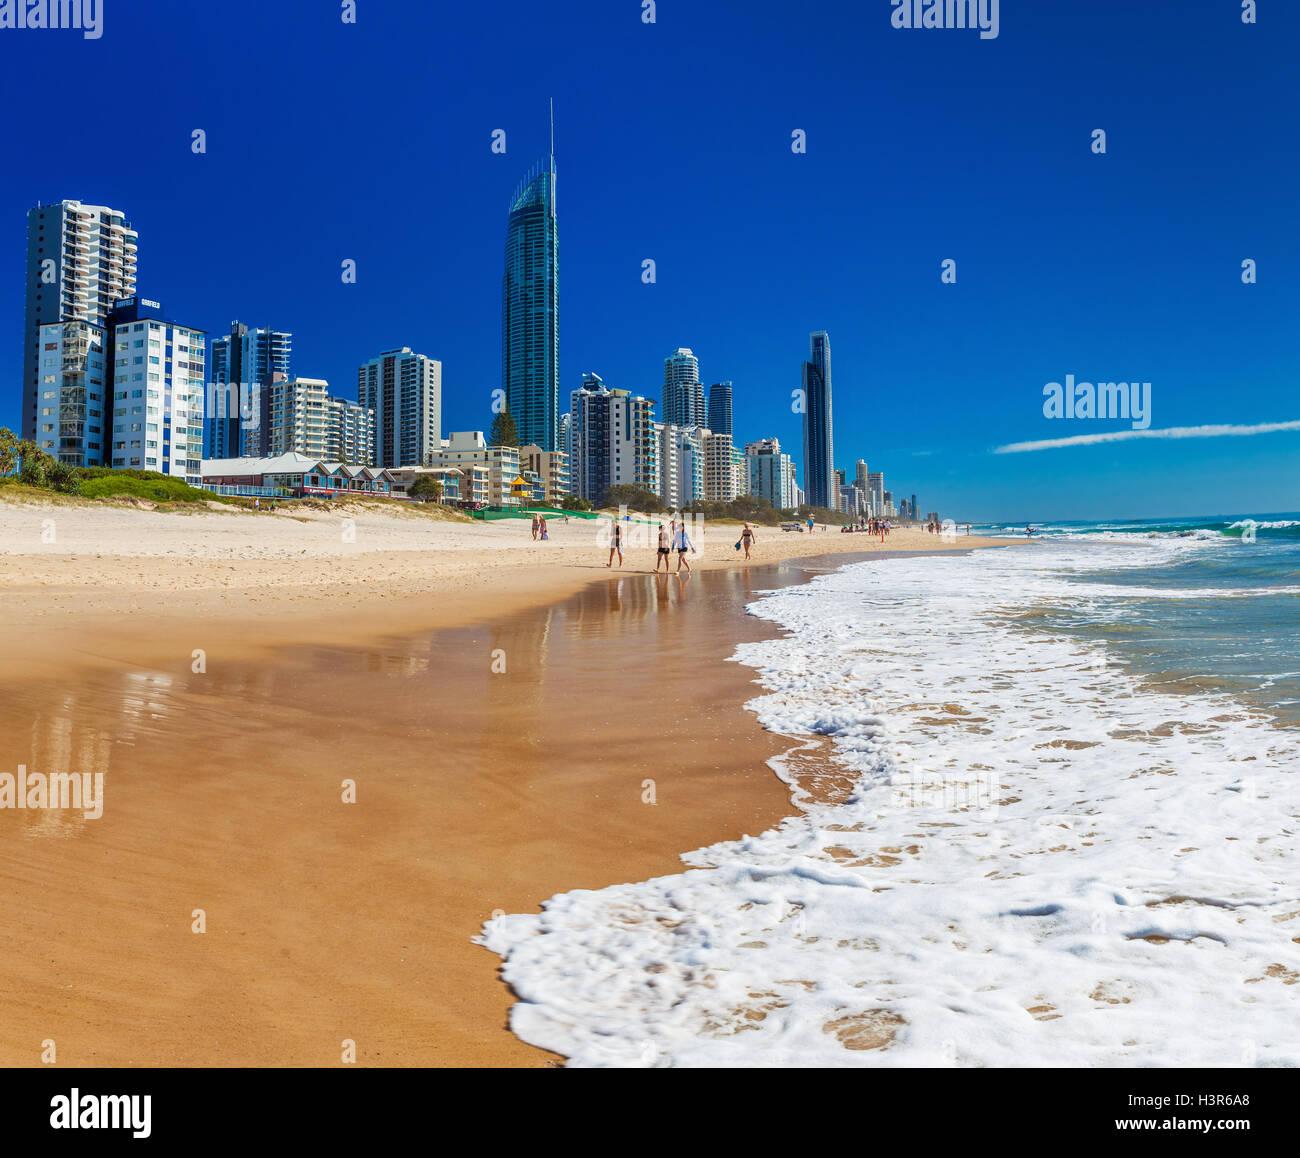 SURFERS PARADISE, AUSTRALIE - Sept 05 2016 Skyline et une plage de Surfers Paradise, Gold Coast. L'un de l'Australie; Photo Stock